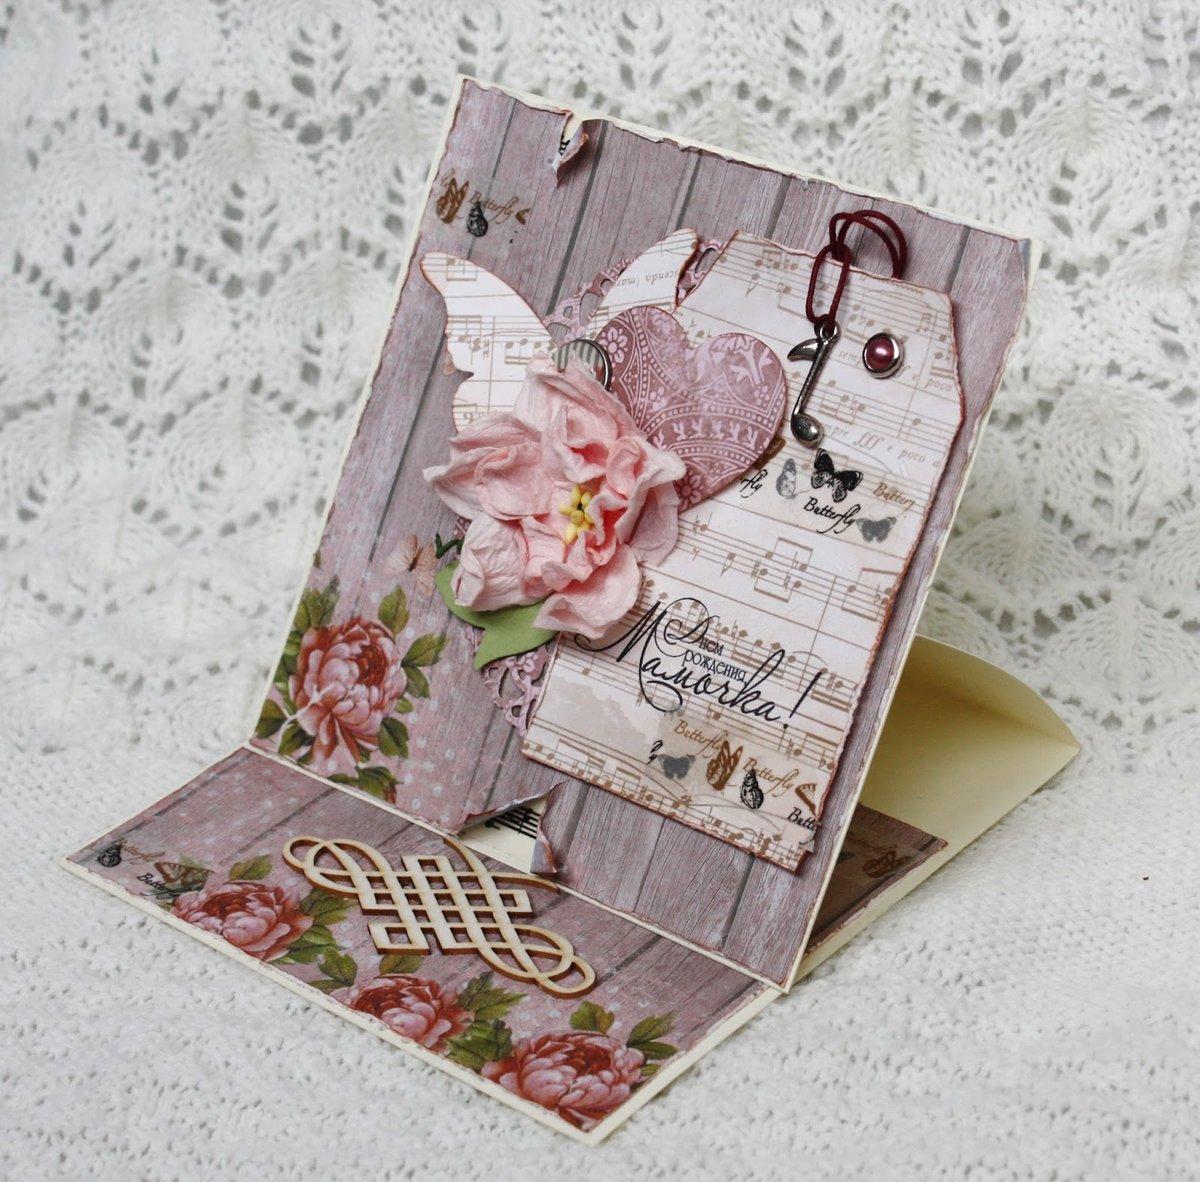 Плюшевого, идеи открыток скрапбукинг на день рождения маме